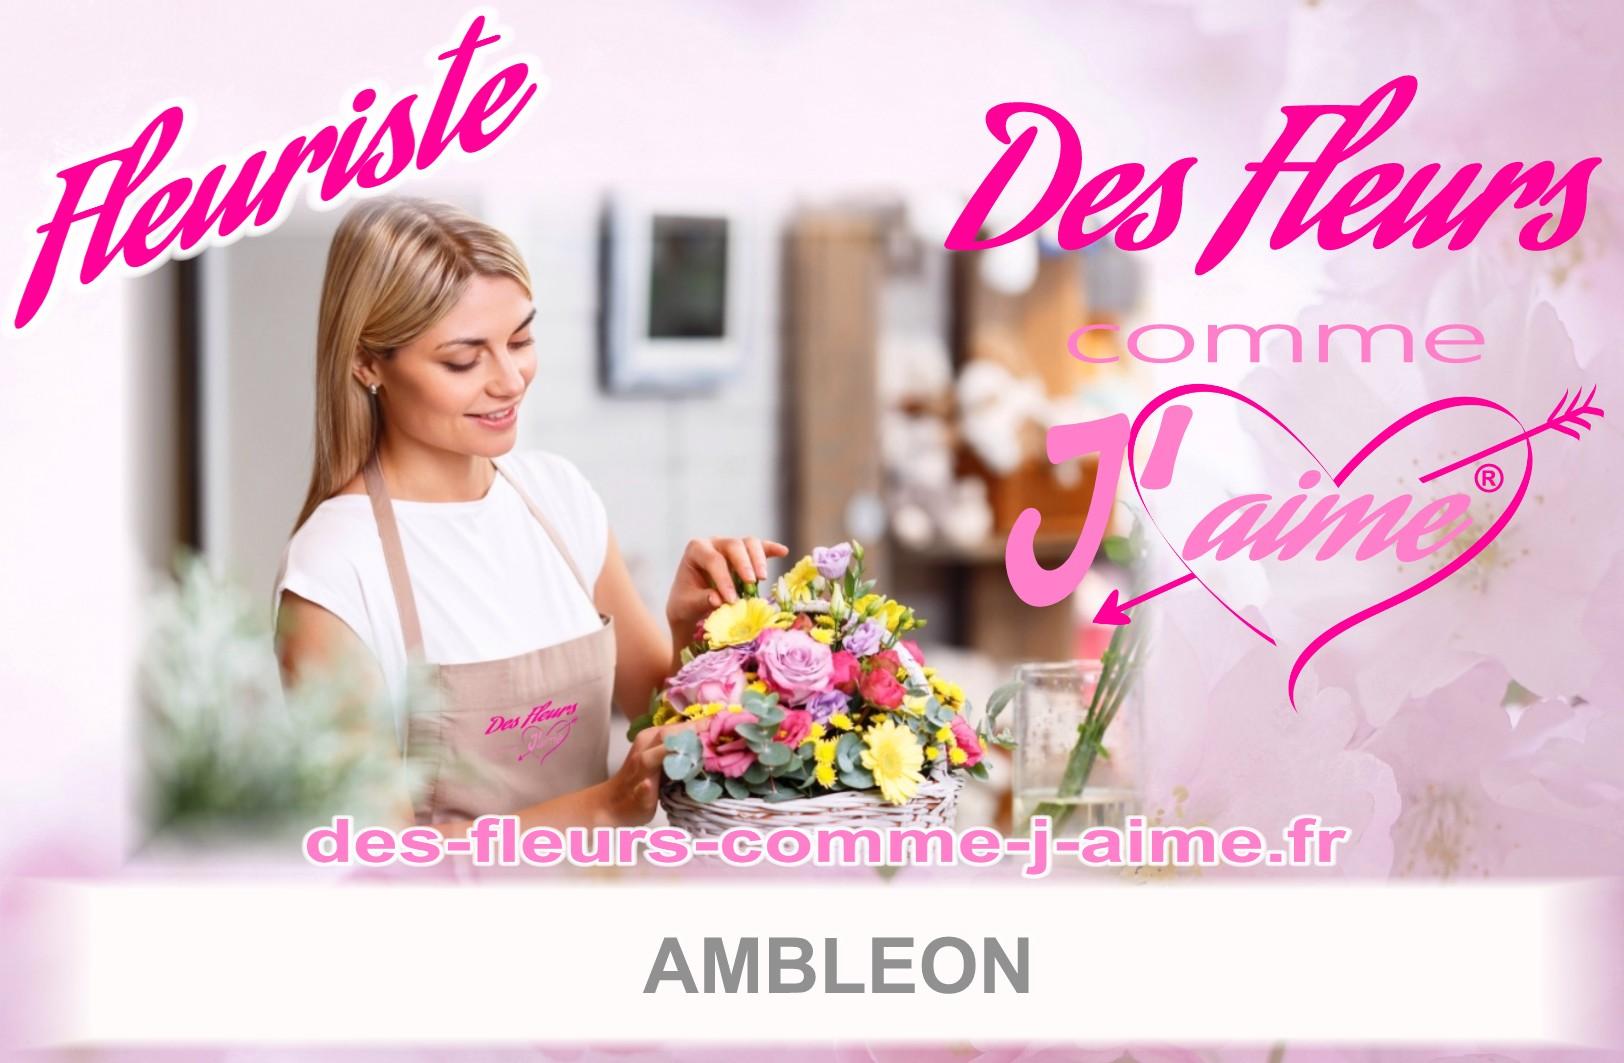 FLEURISTE AMBLEON faire livrer des fleurs - LIVRAISON FLEURS AMBLEON  - ENVOI FLEURS AMBLEON - FLEURS NAISSANCE AMBLEON - FLEURS MARIAGE AMBLEON - FLEURS ANNIVERSAIRE AMBLEON - FLEURS DEUIL AMBLEON - LIVRER FLEURS AMBLEON - FLEURISTE AMBLEON